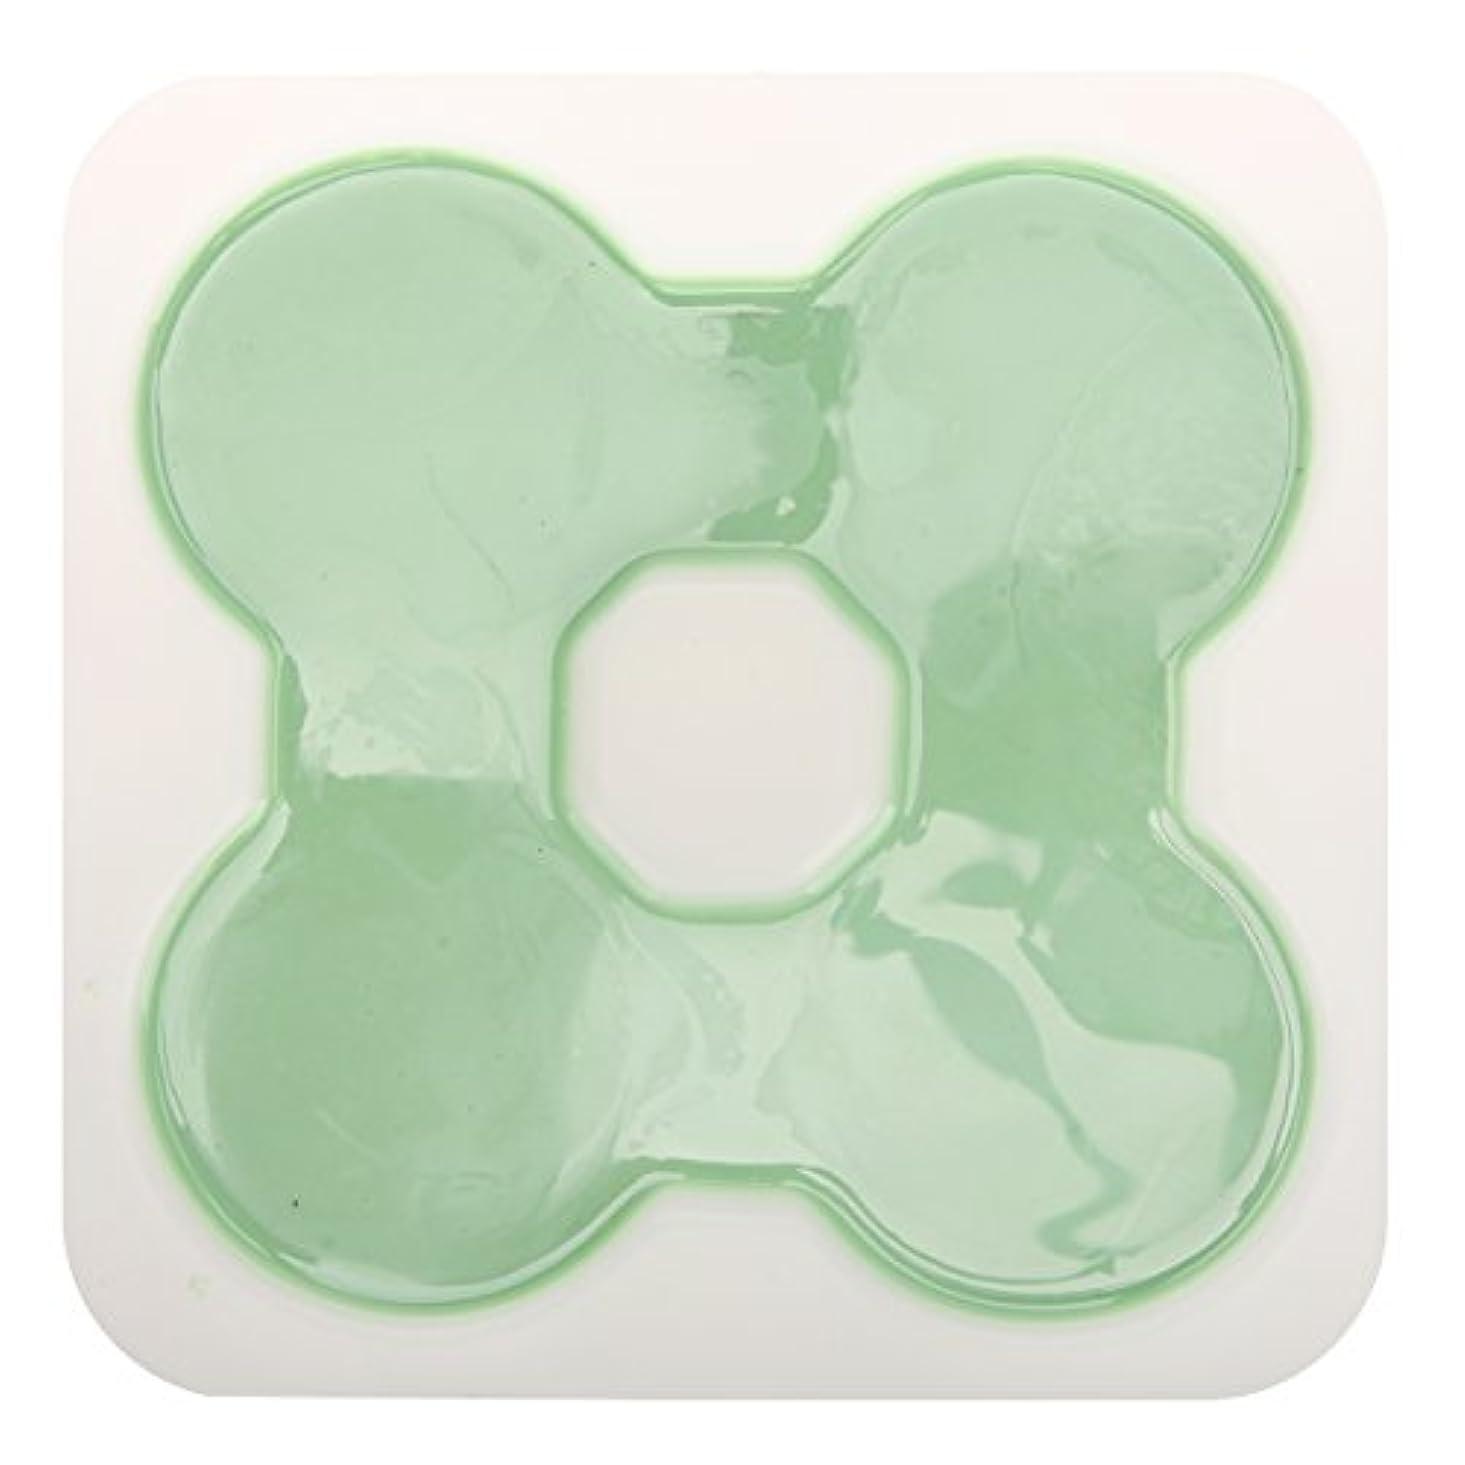 安全性減衰永久(アーニェメイ)Bonjanvye 脱毛ワックス 顔 ワックス 500g 1箱 レディー ス ハード -緑茶